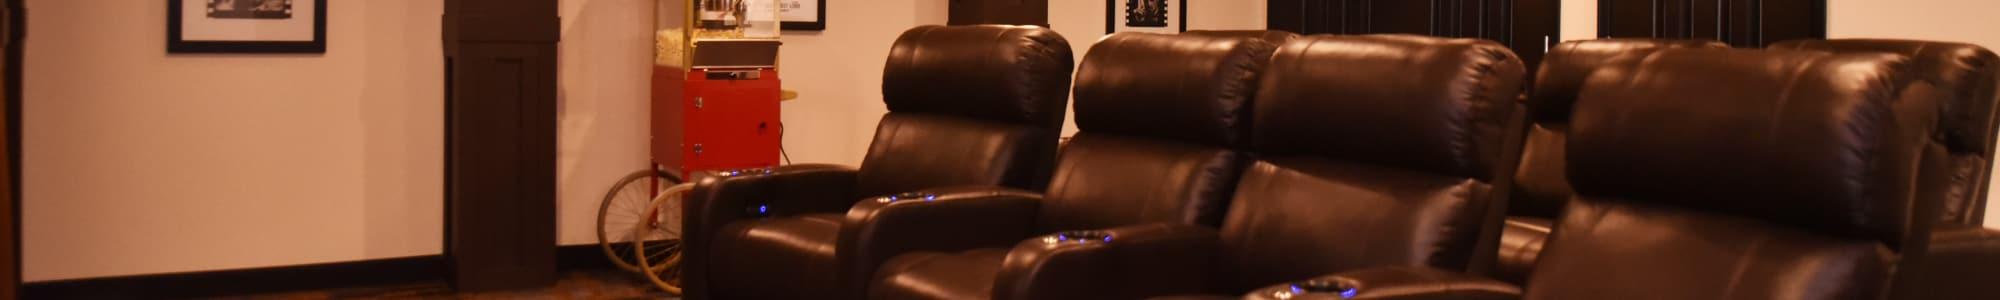 Movie theater at Pickerington in Pickerington, Ohio.